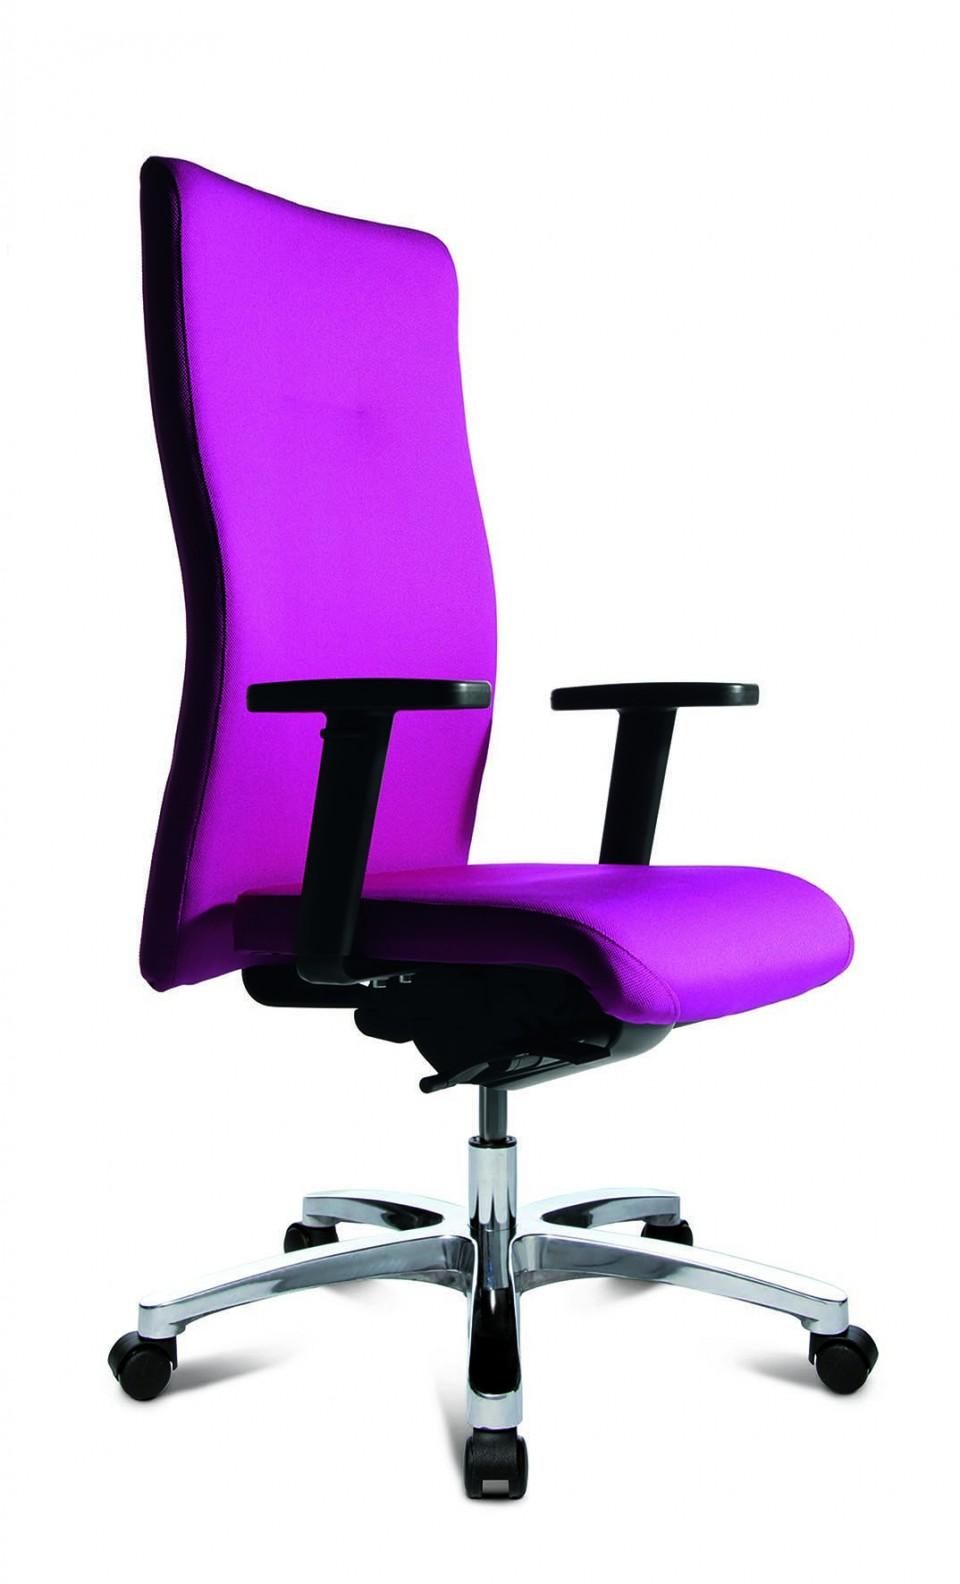 ce sige de bureau pour personnes forte corpulence jusquu kg peut tre utilis en fauteuil de. Black Bedroom Furniture Sets. Home Design Ideas